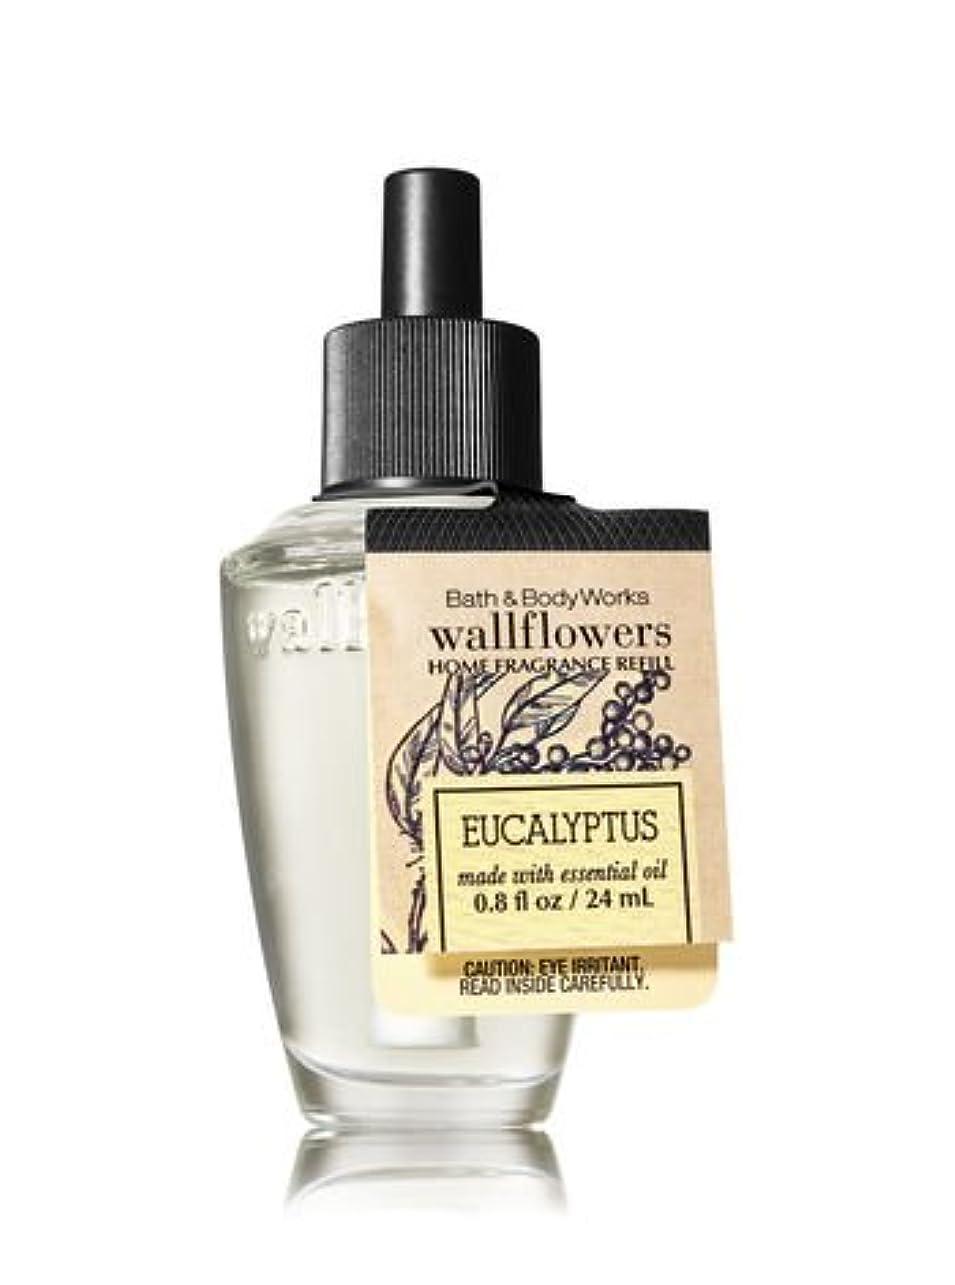 医薬フレームワーク設計図【Bath&Body Works/バス&ボディワークス】 ルームフレグランス 詰替えリフィル ユーカリ Wallflowers Home Fragrance Refill made with essential oil Eucalyptus [並行輸入品]